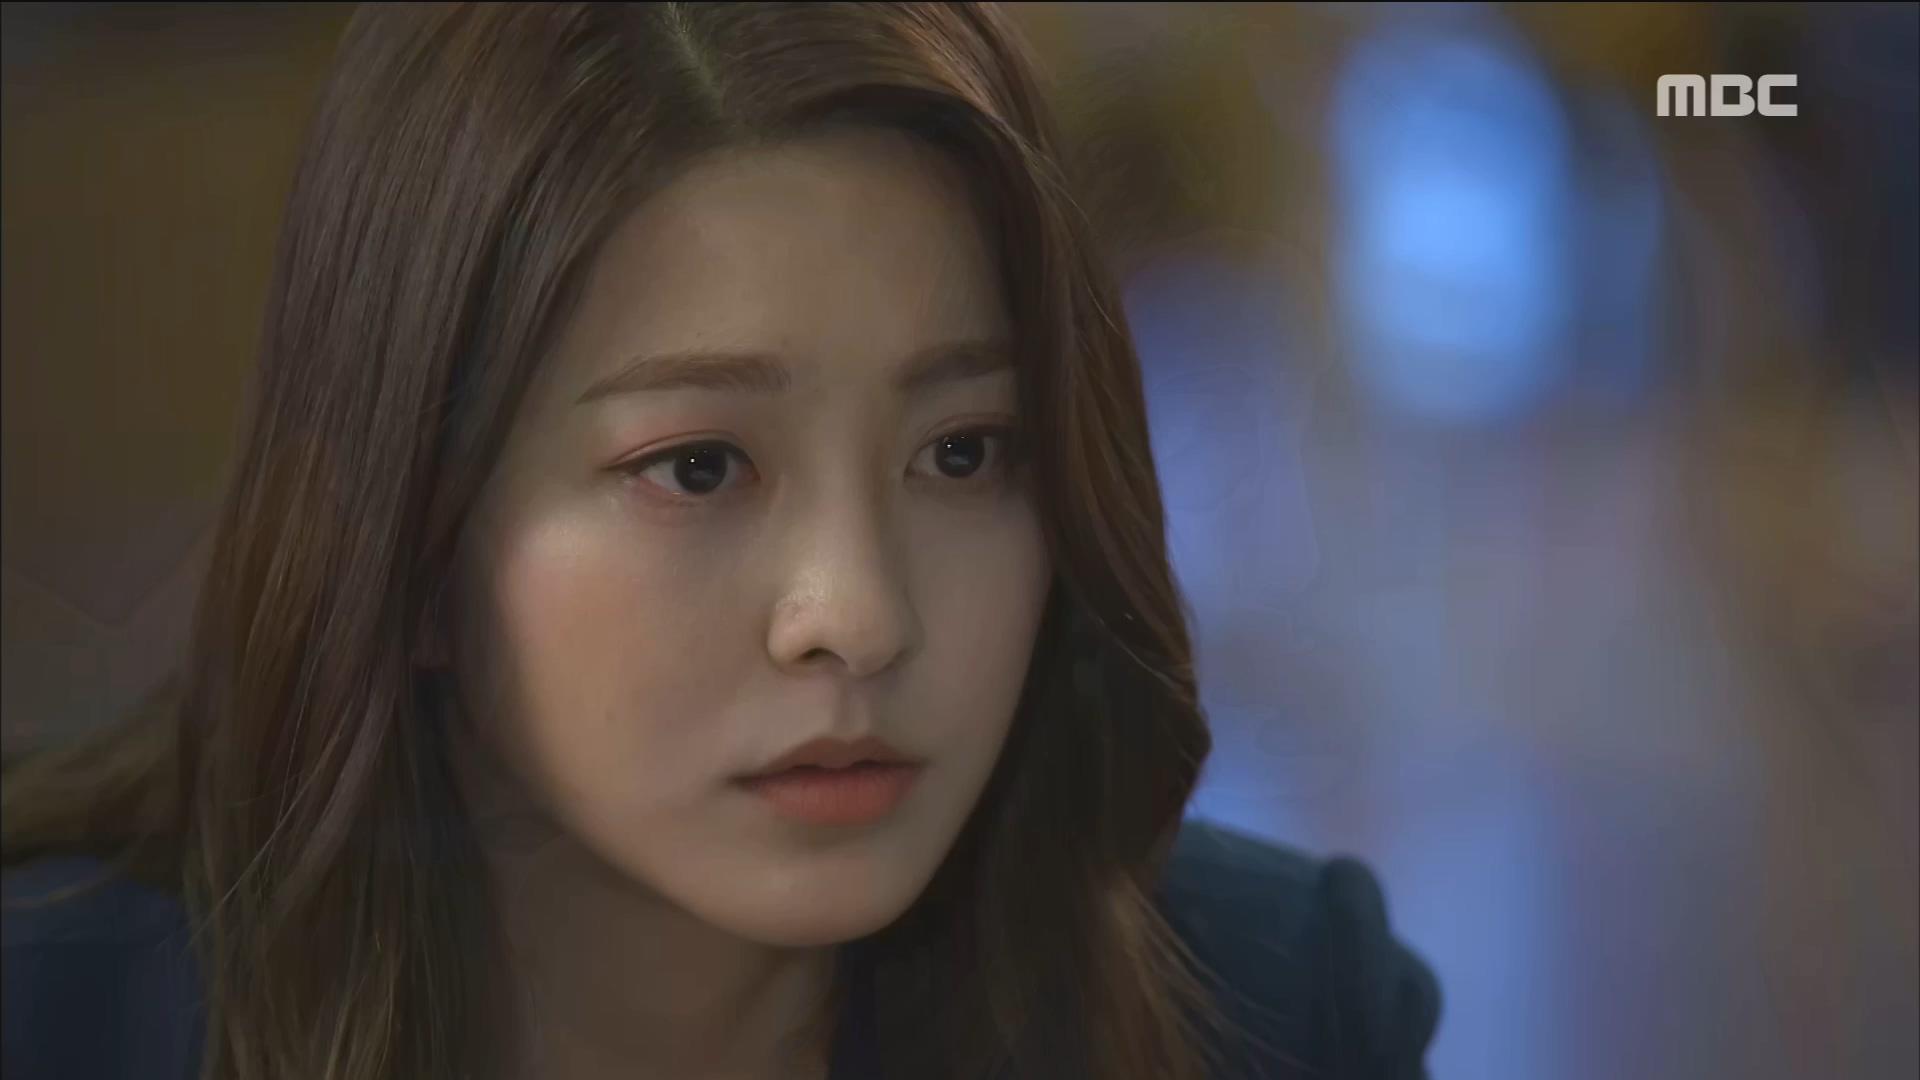 박세영, 정계 진출과 동시에 청아 저격수가 되다?!